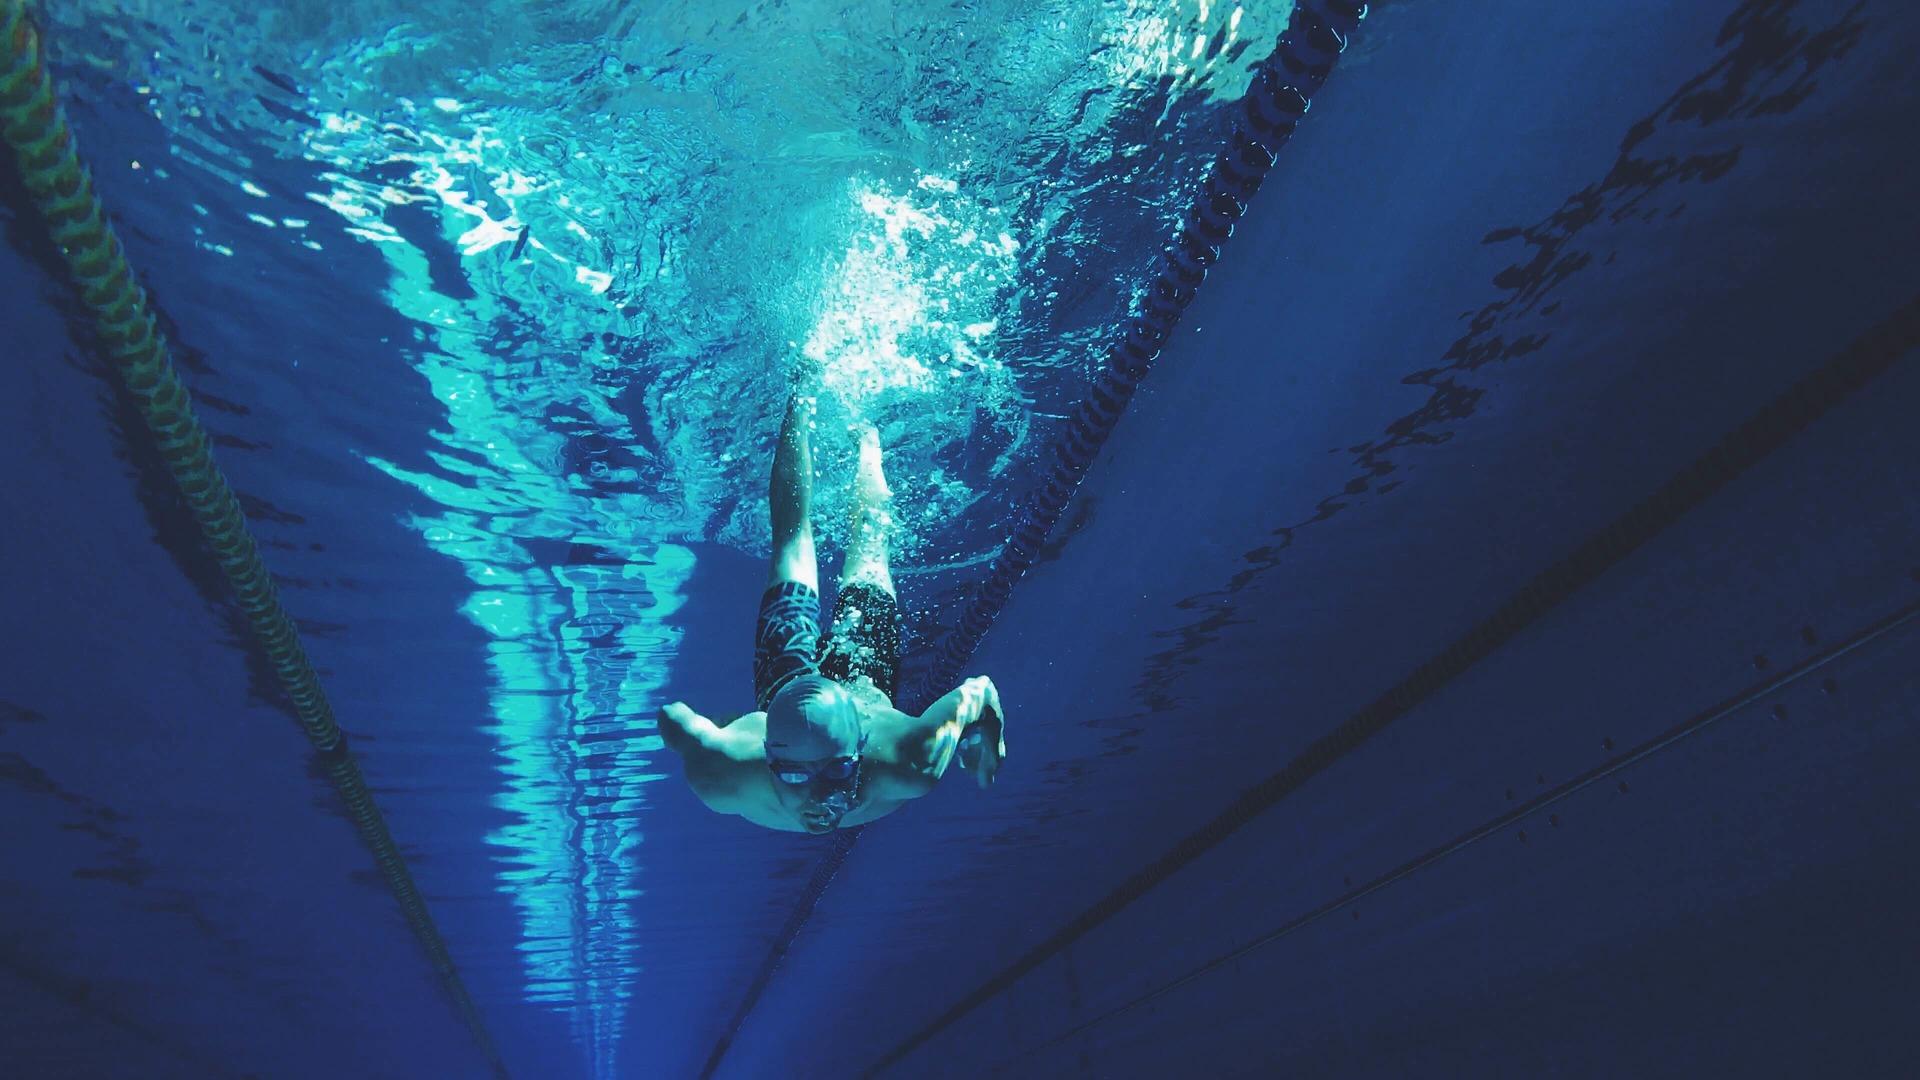 jak nauczyc sie plywac